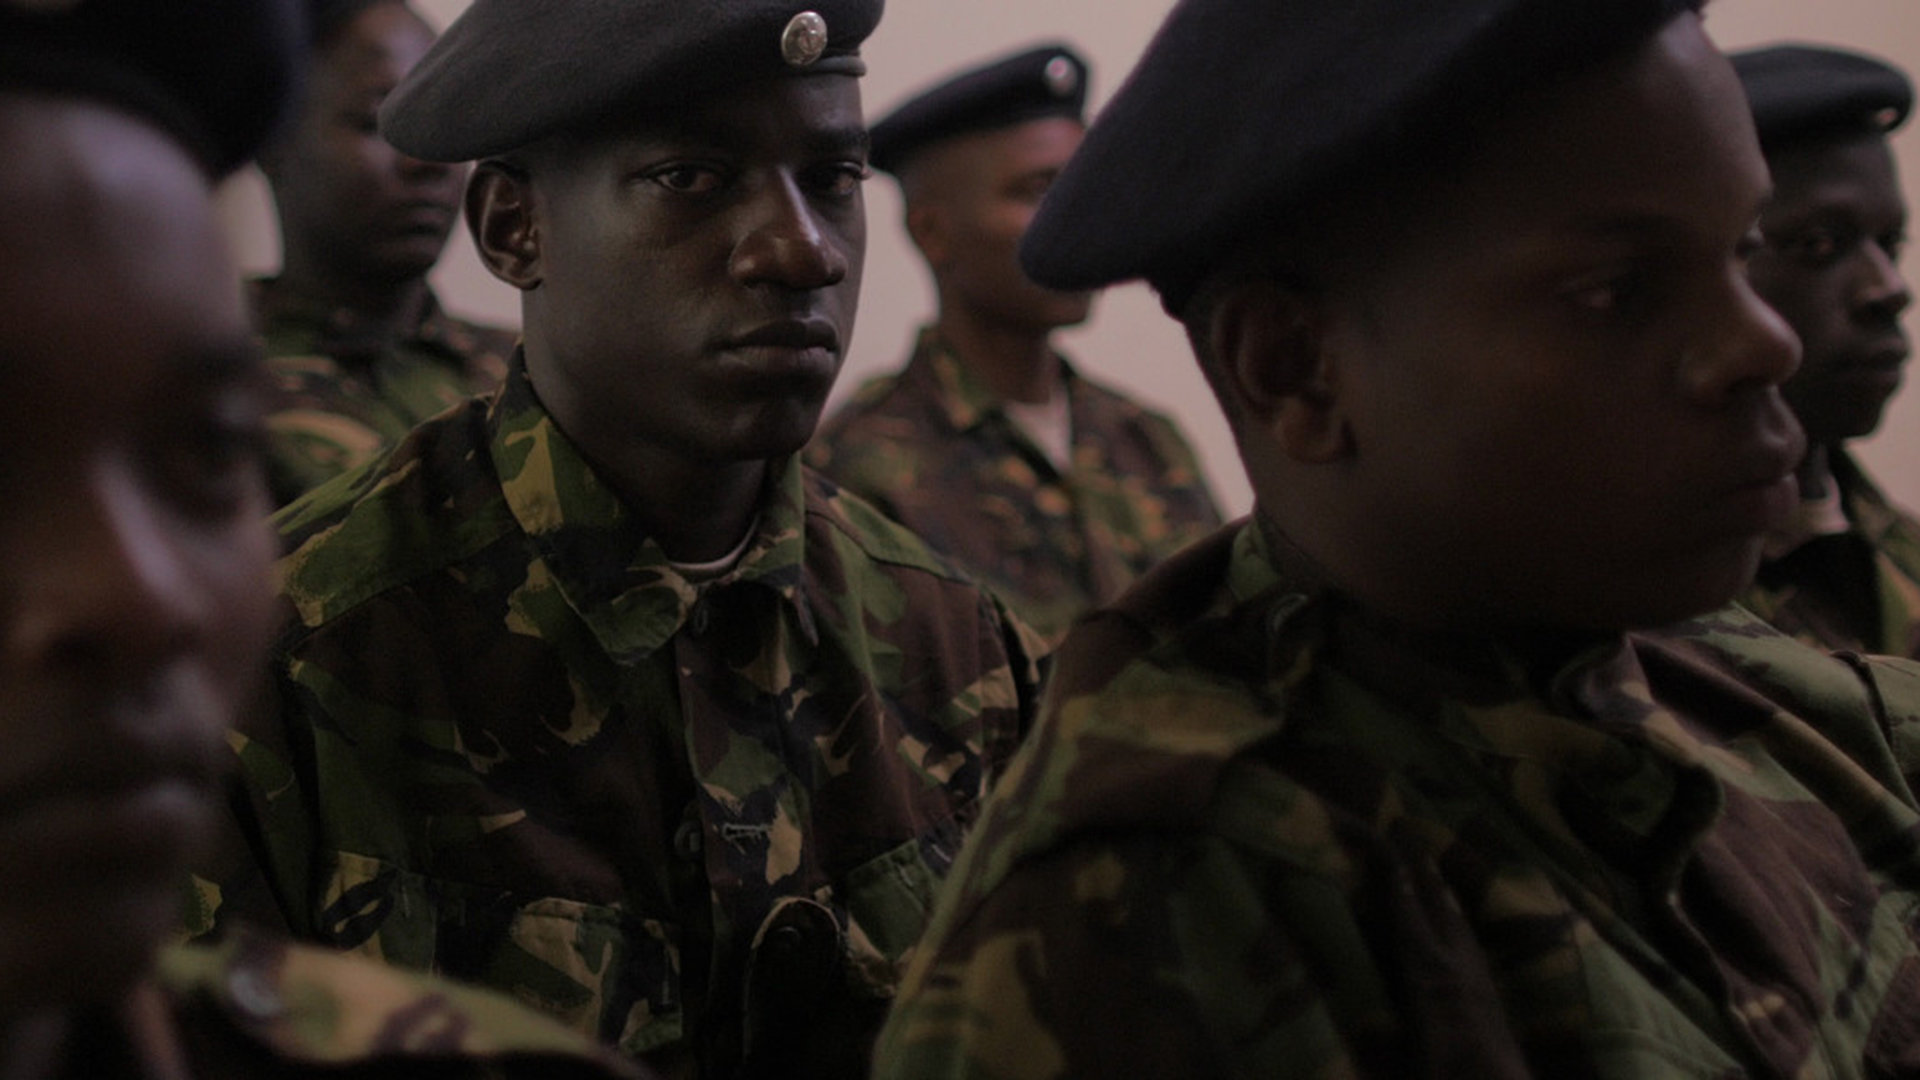 Szene aus der kenianischen Web-Serie Tuko Macho: Polizisten in Uniform (THE NEST COLLECTIVE)